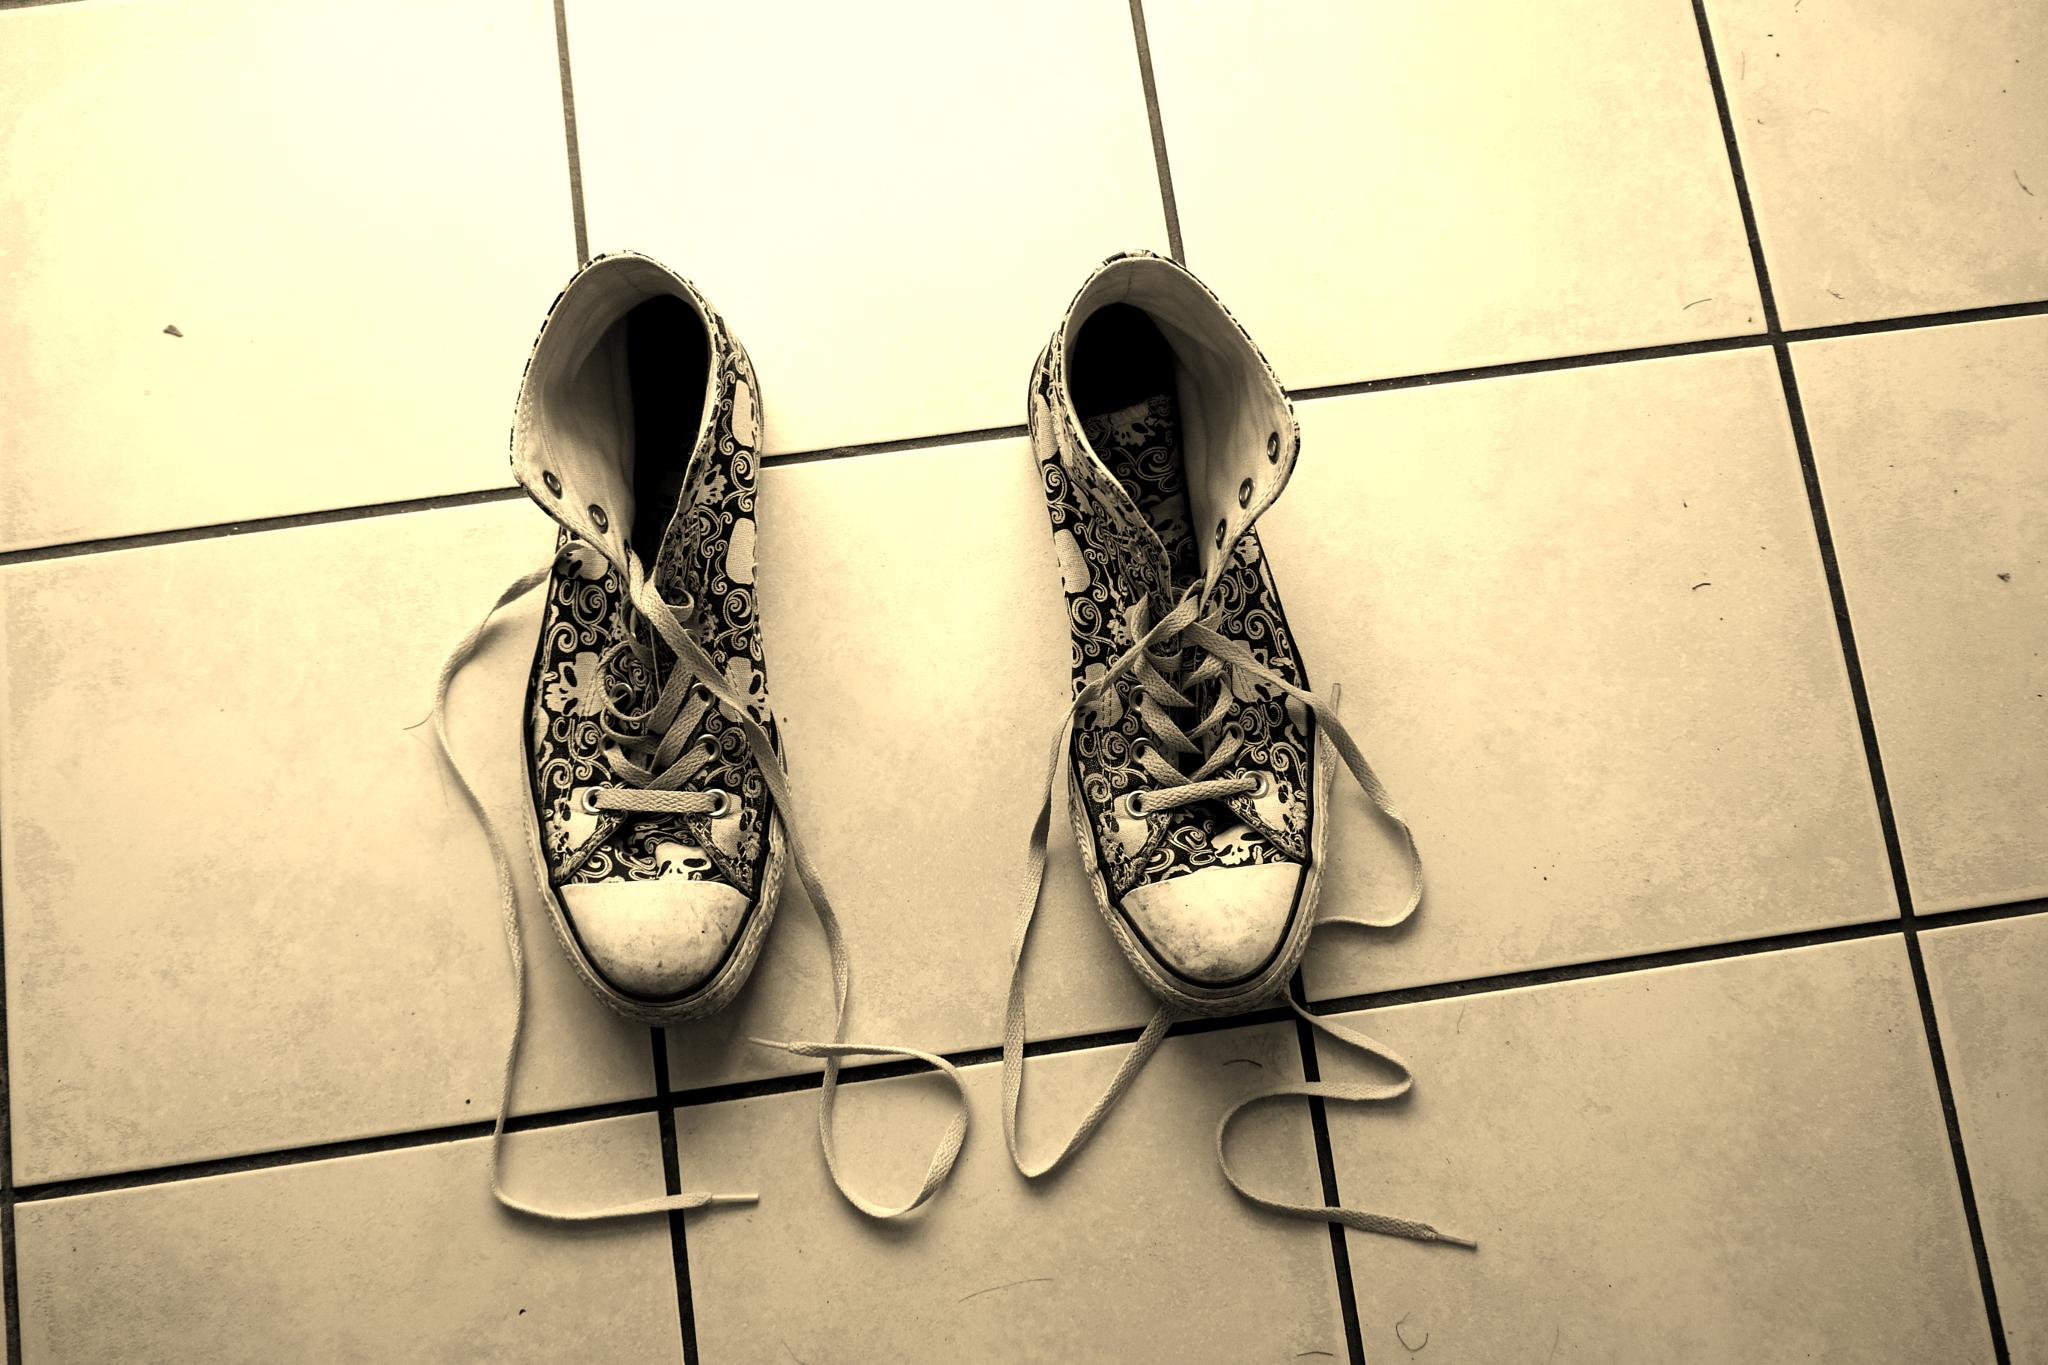 Shoes in love by FoTorsten